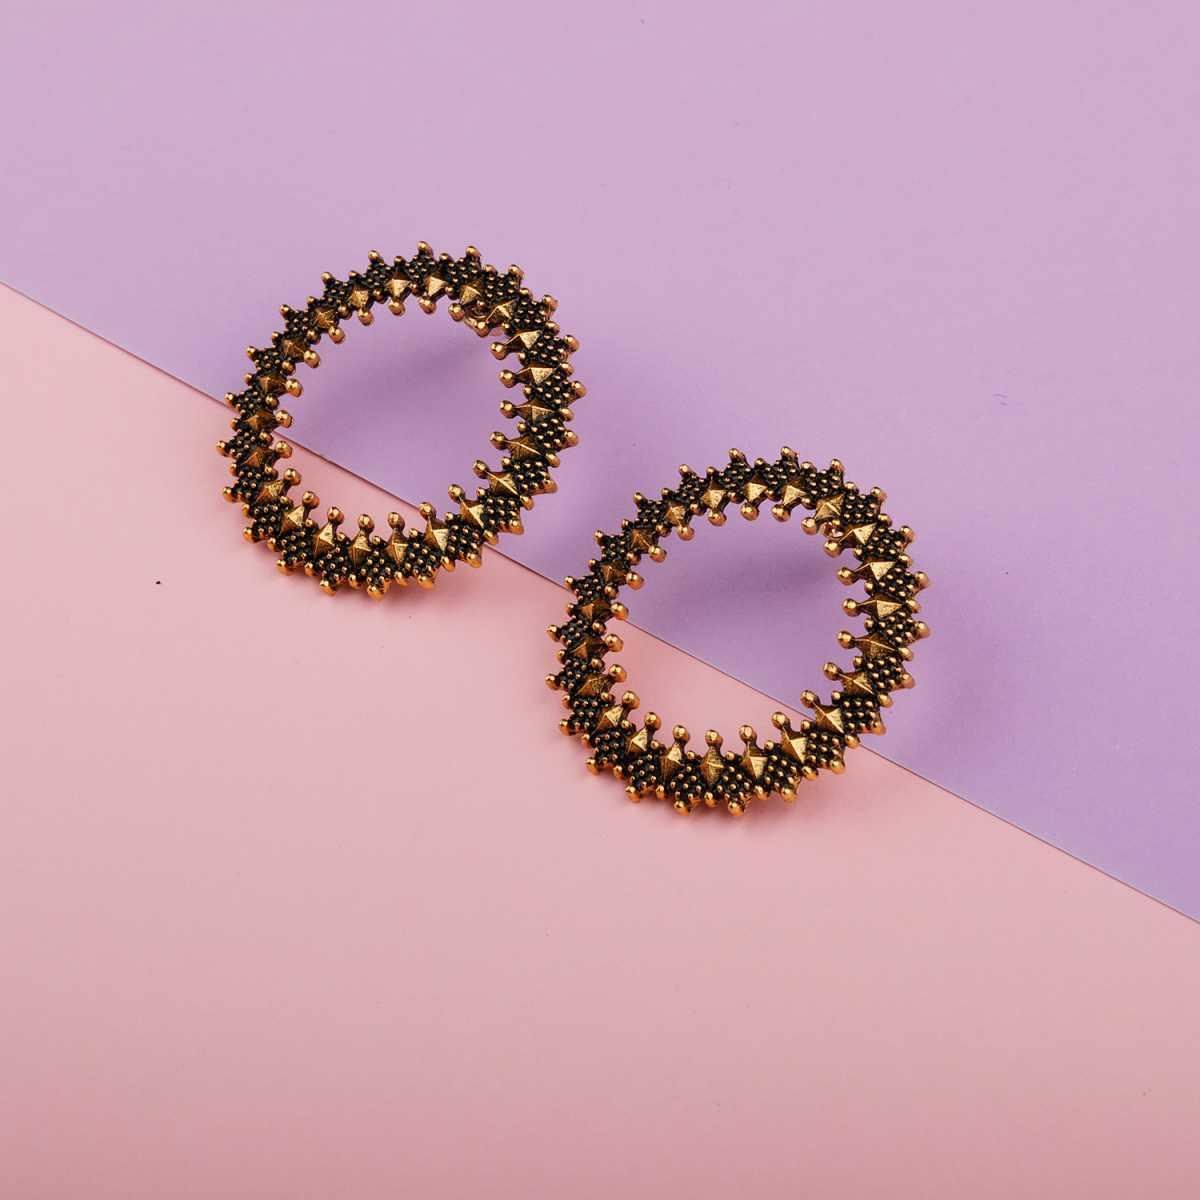 Silver Shine Glitzy Gold Studs Earrings for Women